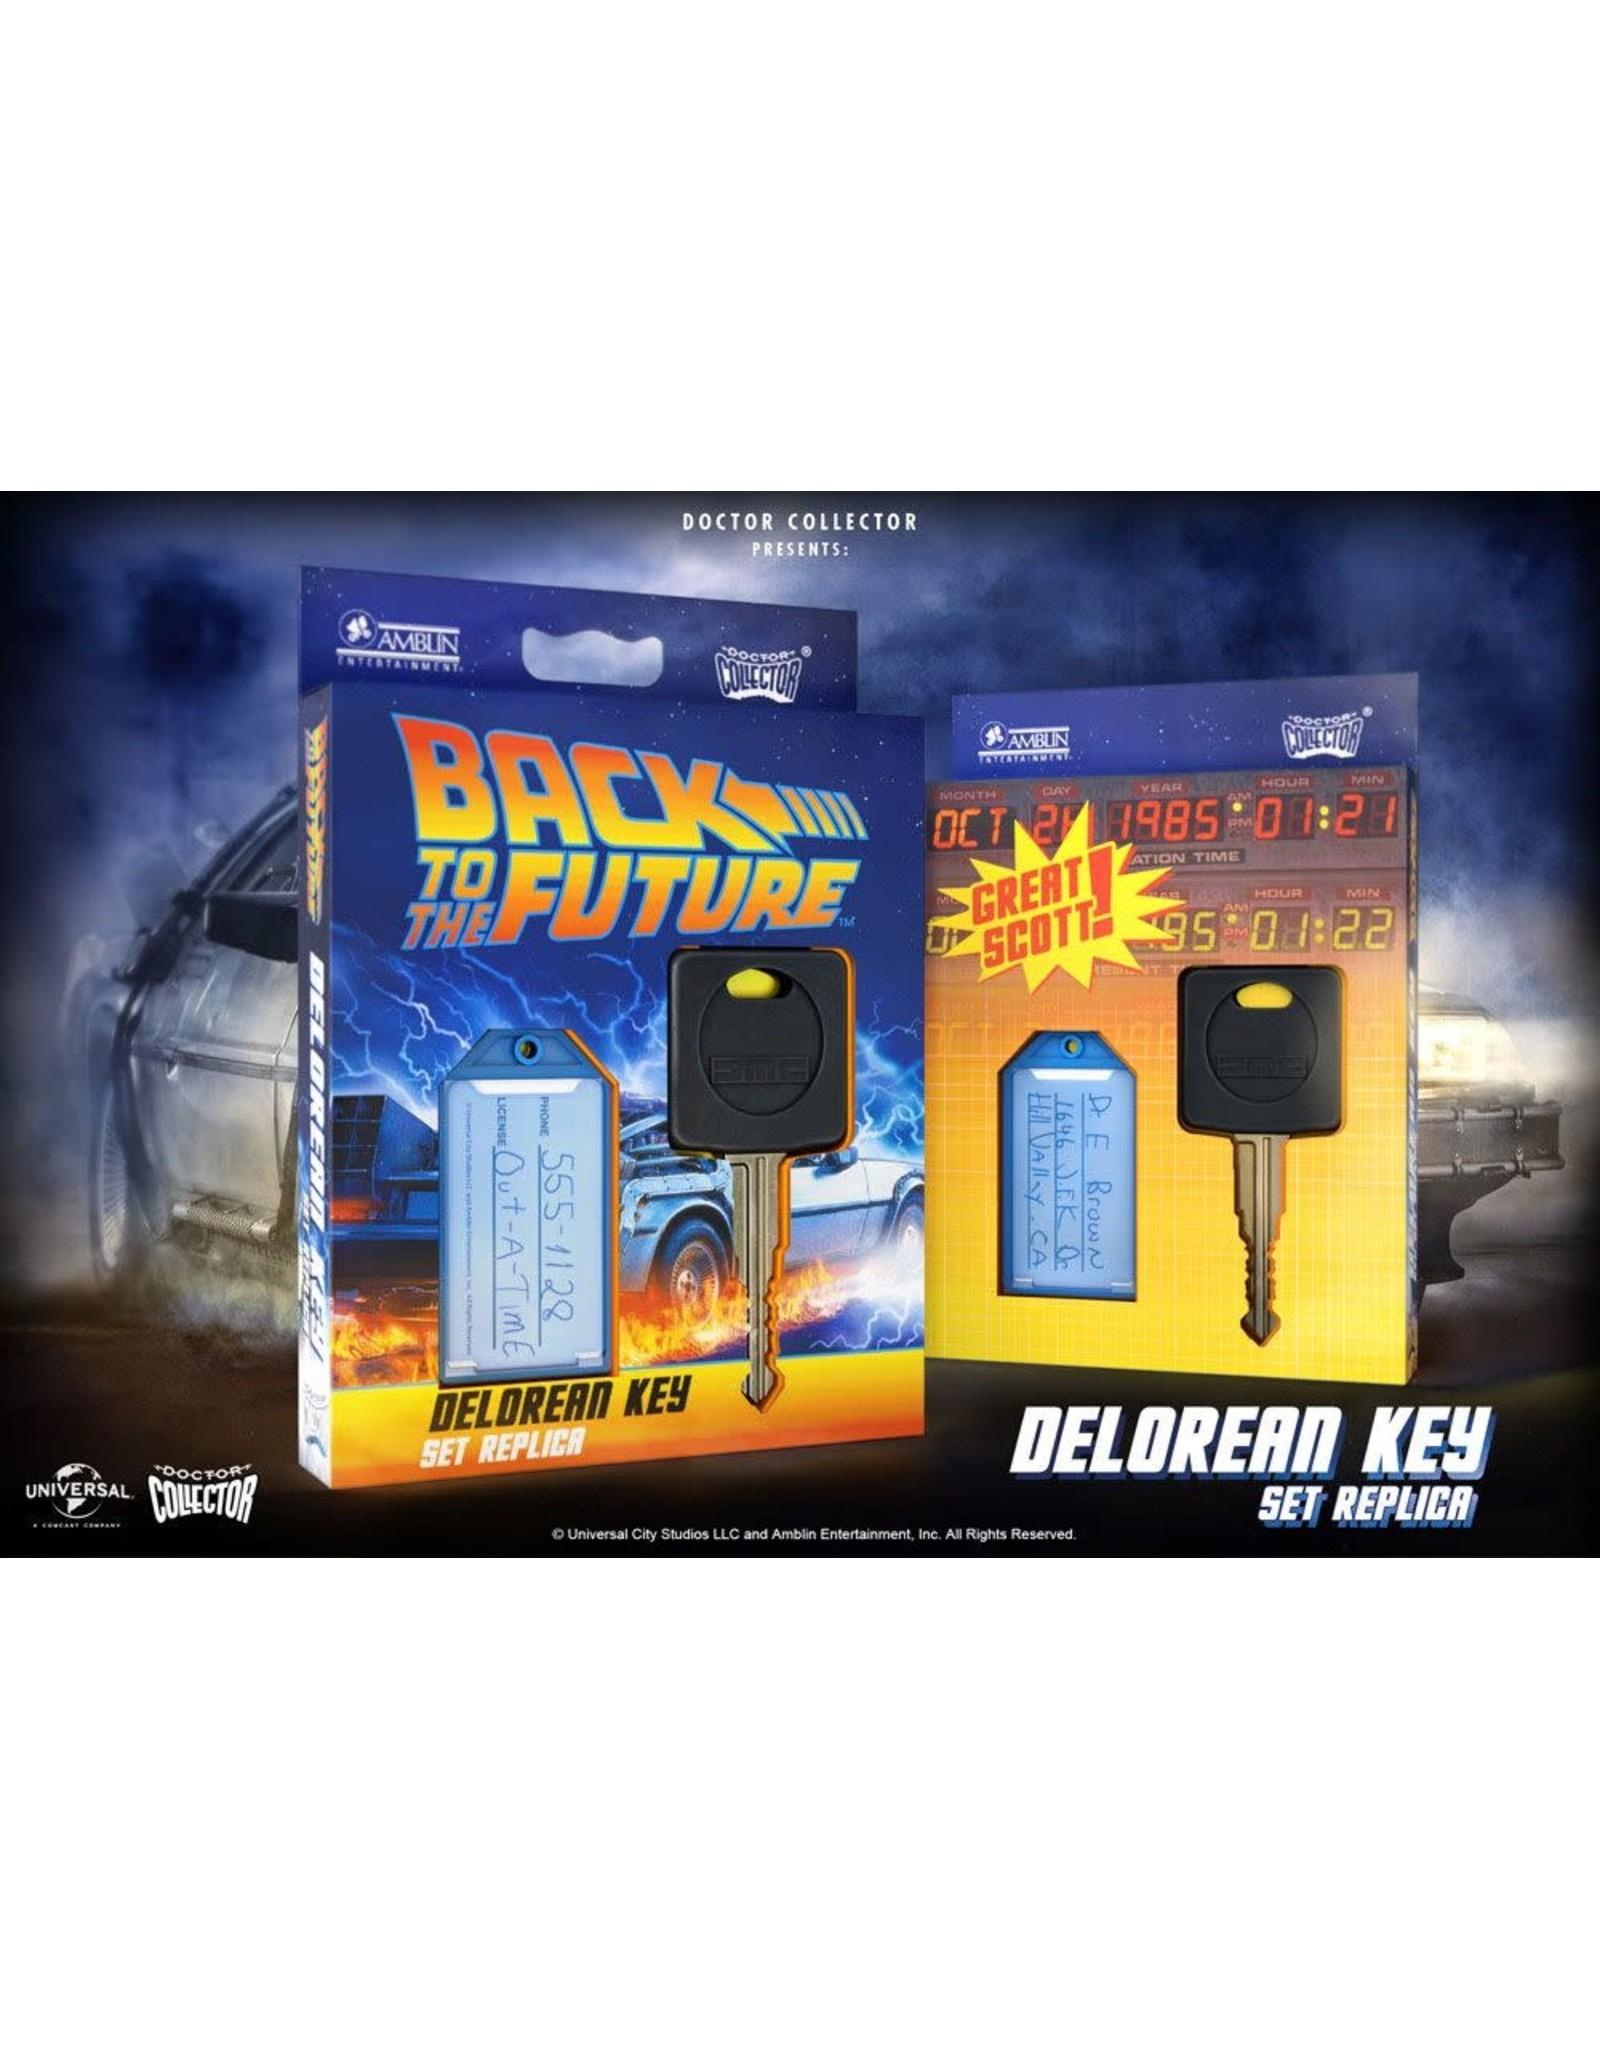 Doctor Collector BACK TO THE FUTURE Replica DeLorean Key